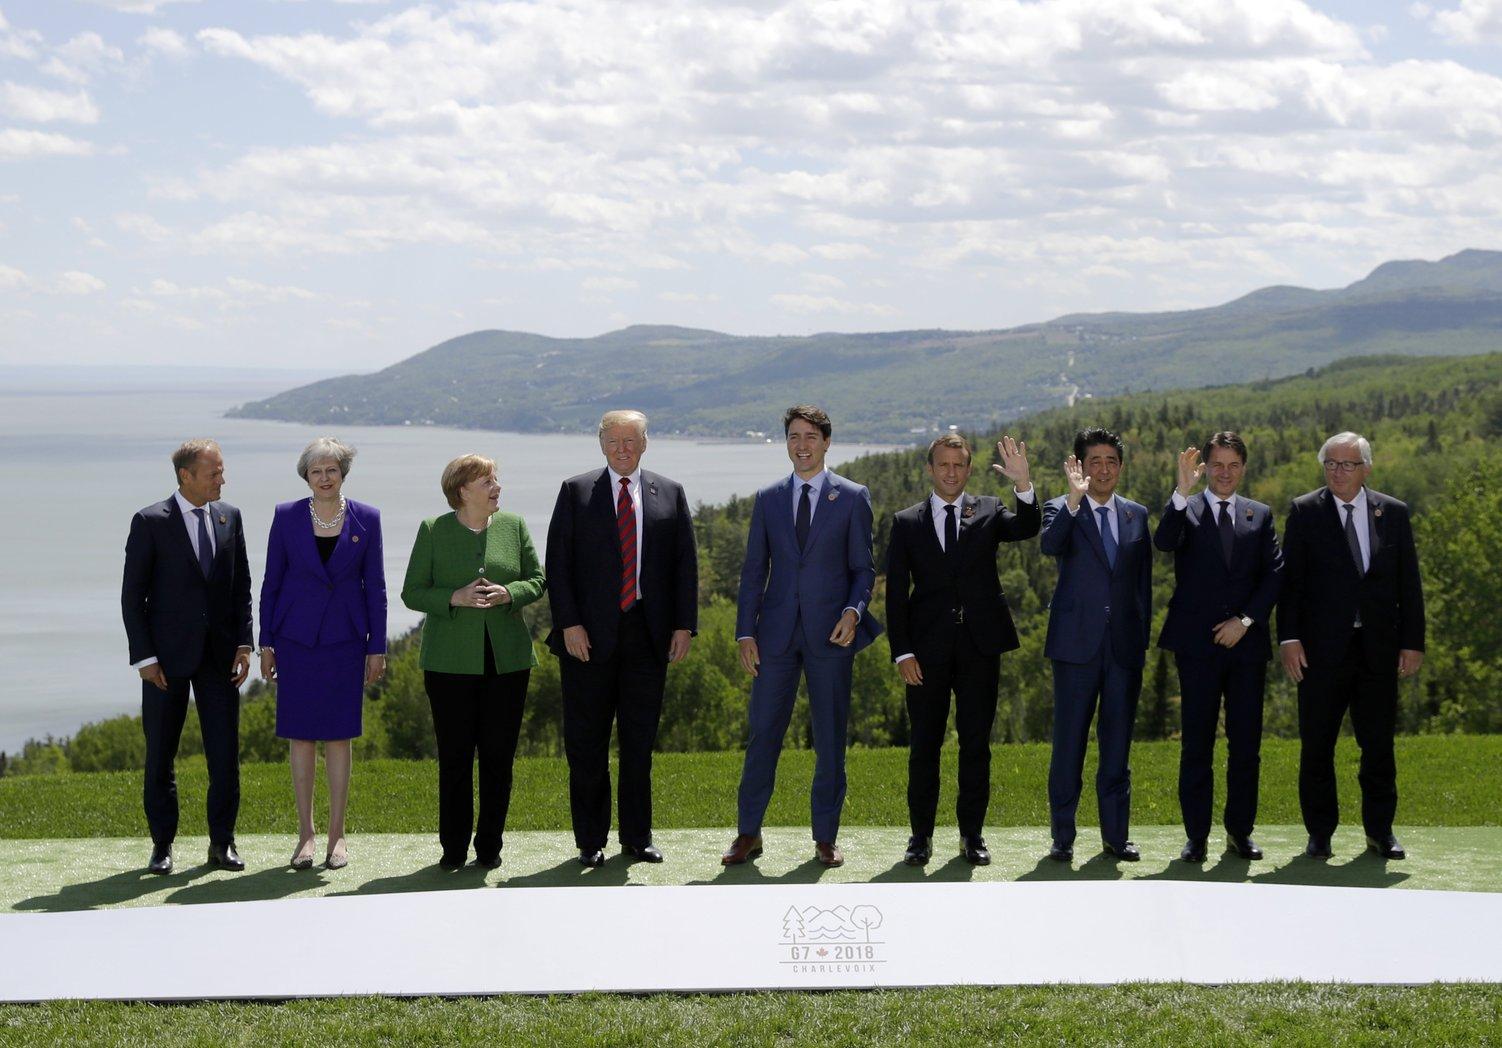 Donald Tusk, az Európai tanács elnöke, Theresa May brit miniszterelnök, Angela Merkel német kancellár, Donald Trump amerikai elnök, Justin Trudeau kanadai miniszterelnök, Emmanuel Macron francia elnök, Abe Sindzó japán, Giuseppe Conte olasz miniszterelnök és Jean-Claude Juncker, az Európai Bizottság elnöke (b-j) csoportkép készítésén vesz részt a világ hét iparilag legfejlettebb államát tömörítő csoport, a G7 kanadai csúcstalálkozója Charlevoix-ban 2018. június 8-án, a kétnapos tanácskozás első napján. (MTI/AP/Evan Vucci)